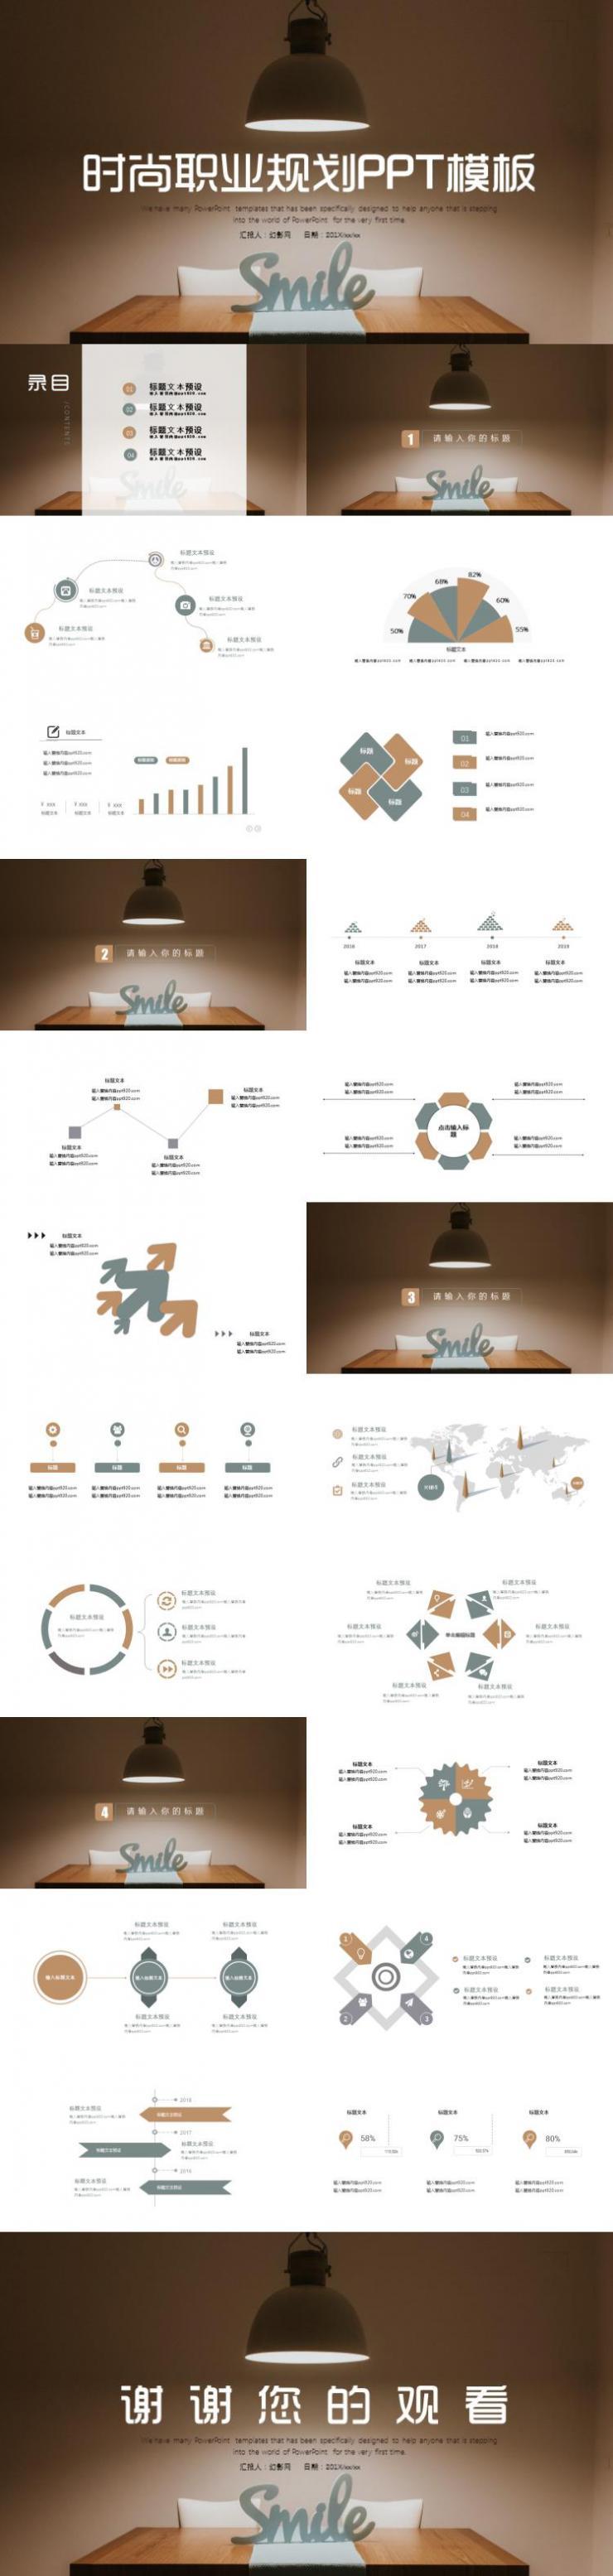 时尚职业规划计划总结PPT模板下载